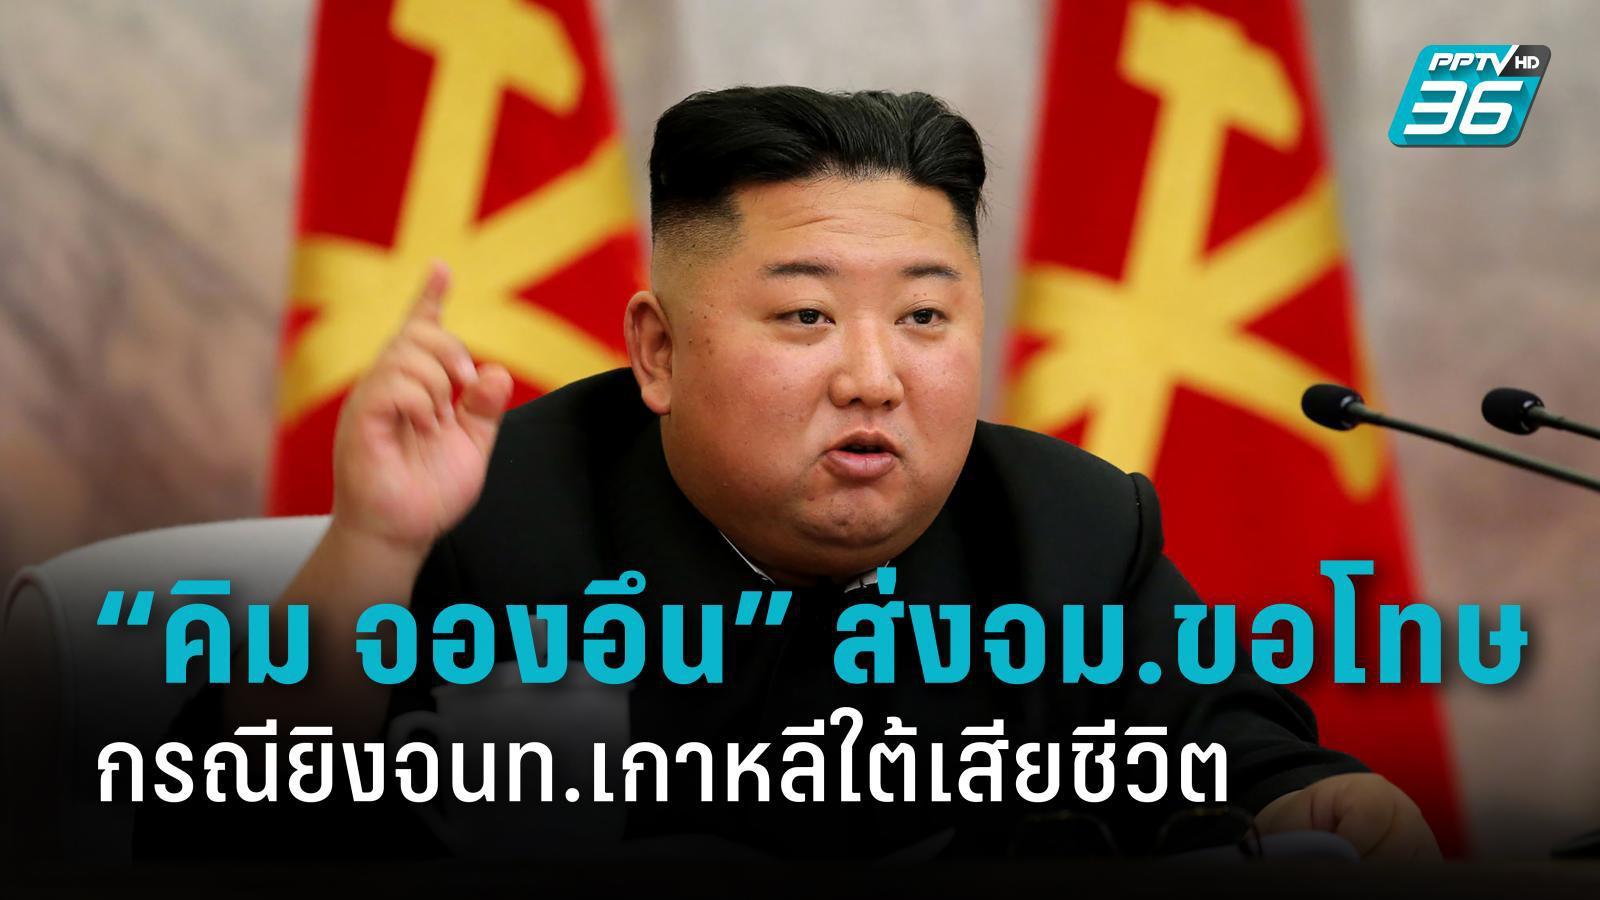 """""""คิม จองอึน"""" ส่งจดหมายขอโทษ กรณียิงเจ้าหน้าที่เกาหลีใต้ล้ำน่านน้ำ"""